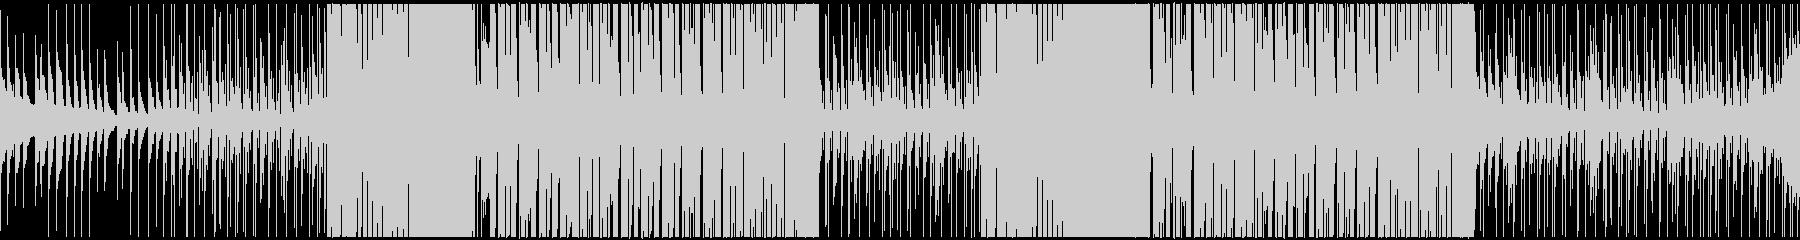 トロピカルハウス系の曲です。の未再生の波形